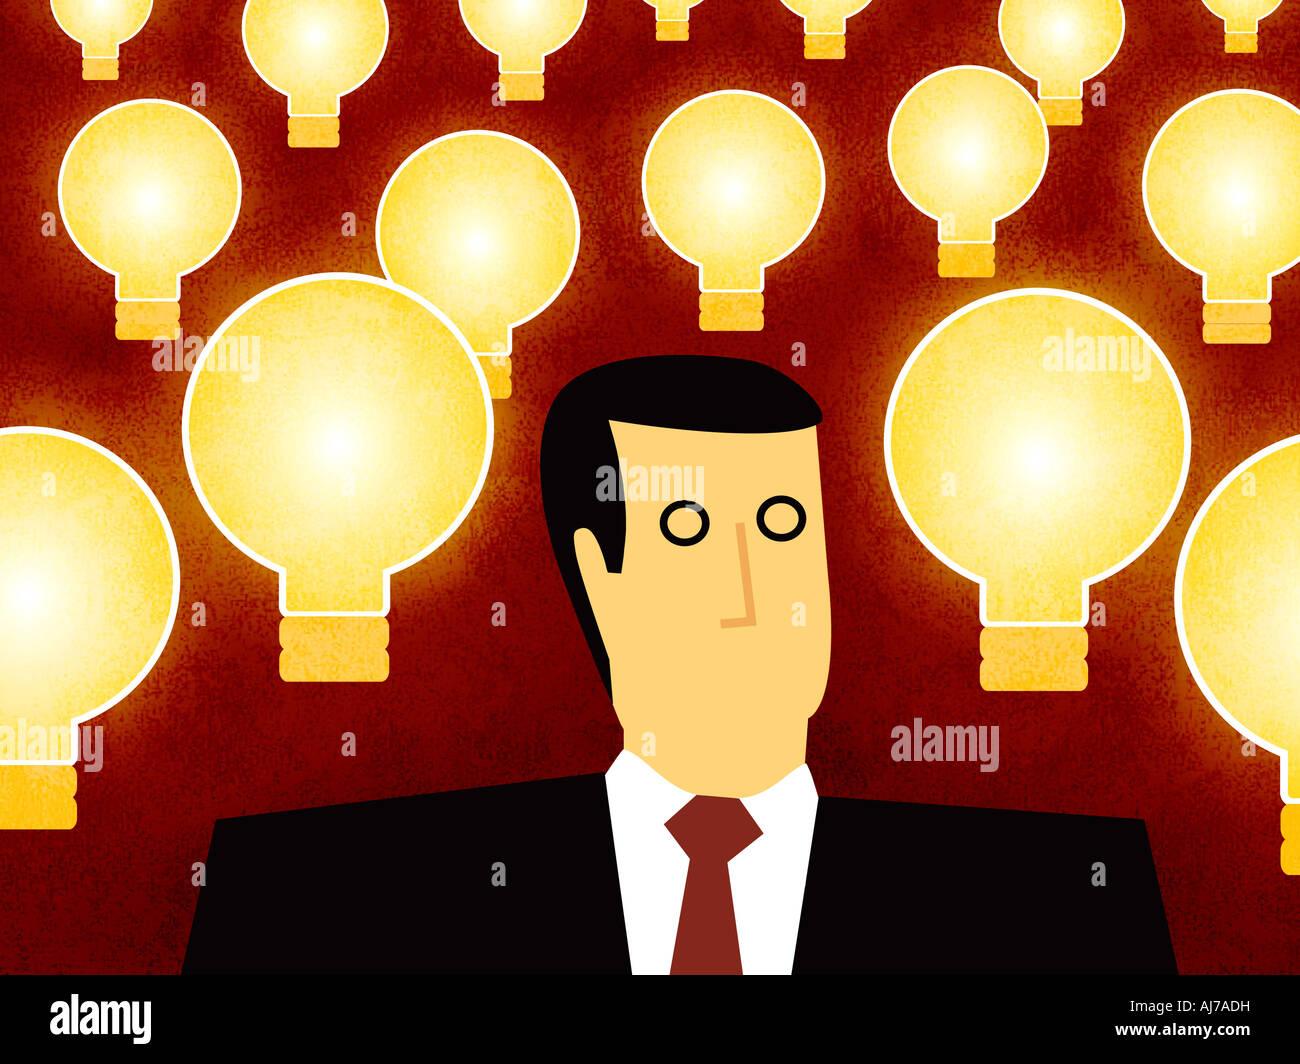 Uomo d'affari con le idee - L'uomo con la lampadina spia Immagini Stock